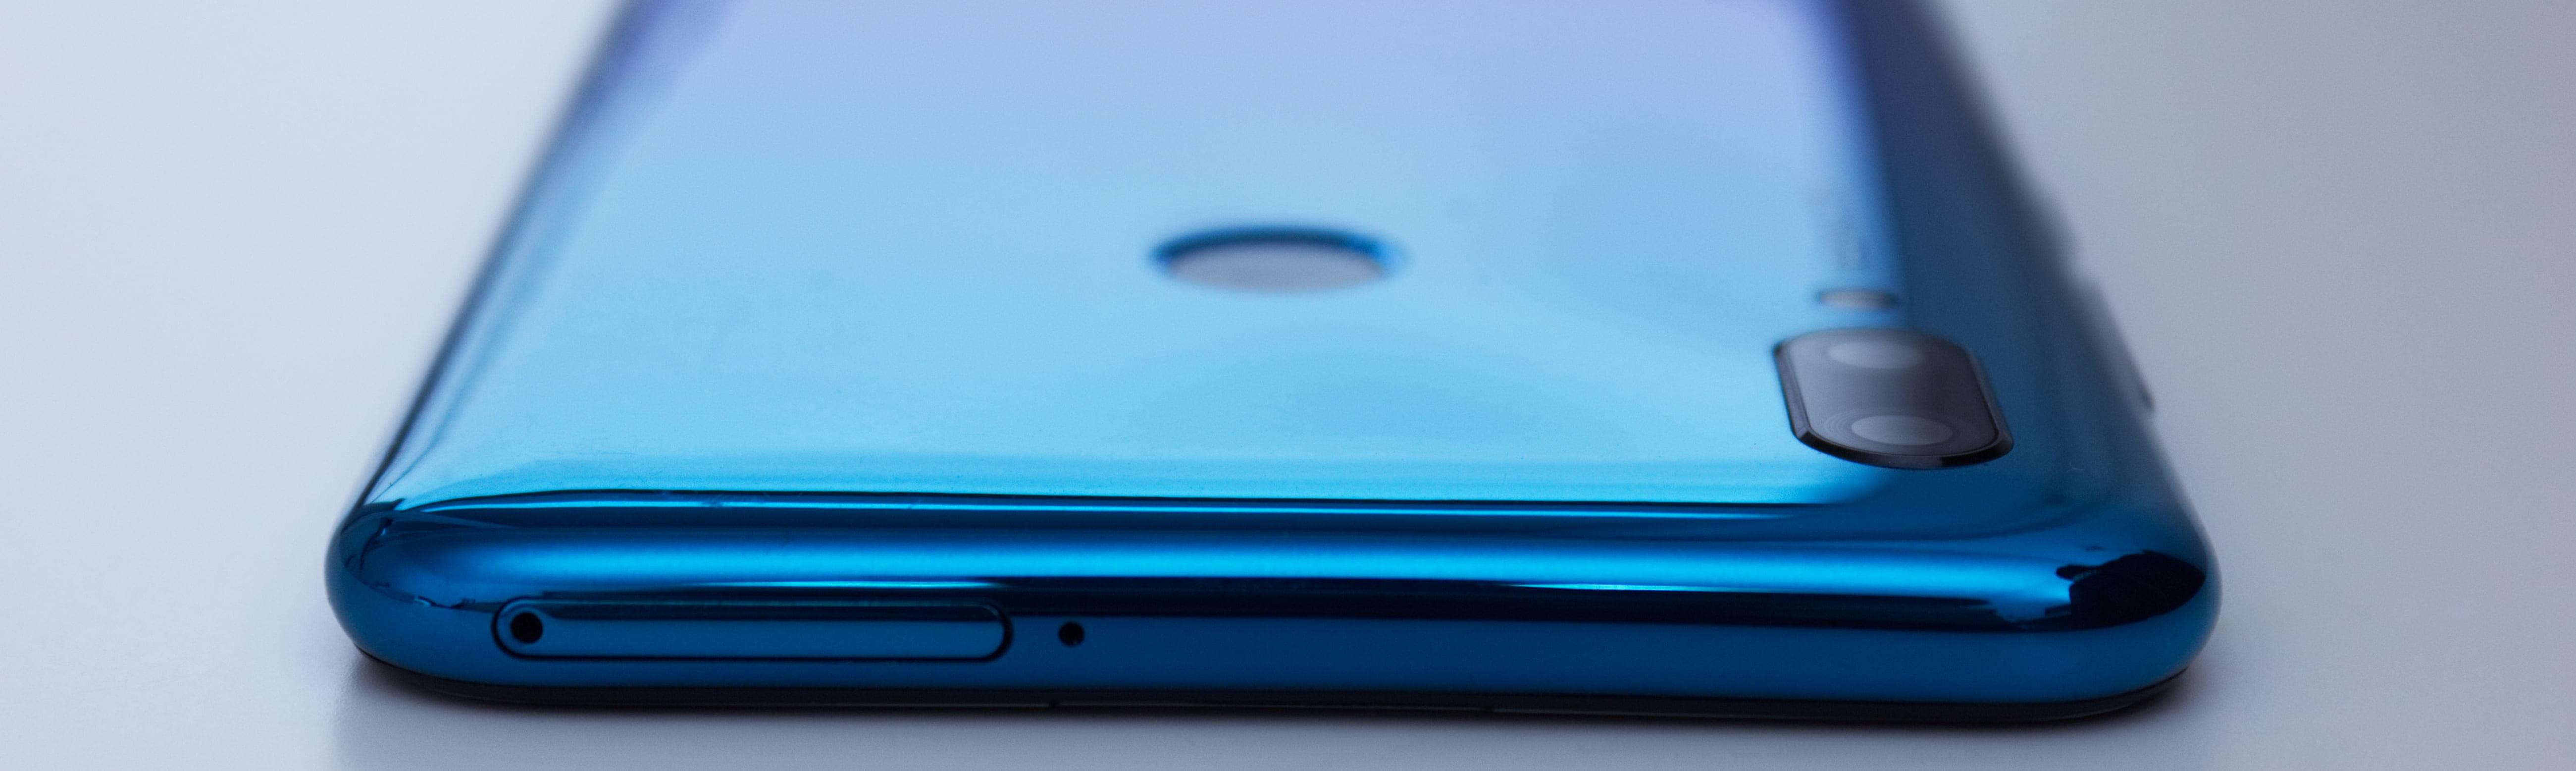 Huawei P Smart 2019 - telefon na miarę bieżącego roku? (recenzja) 18